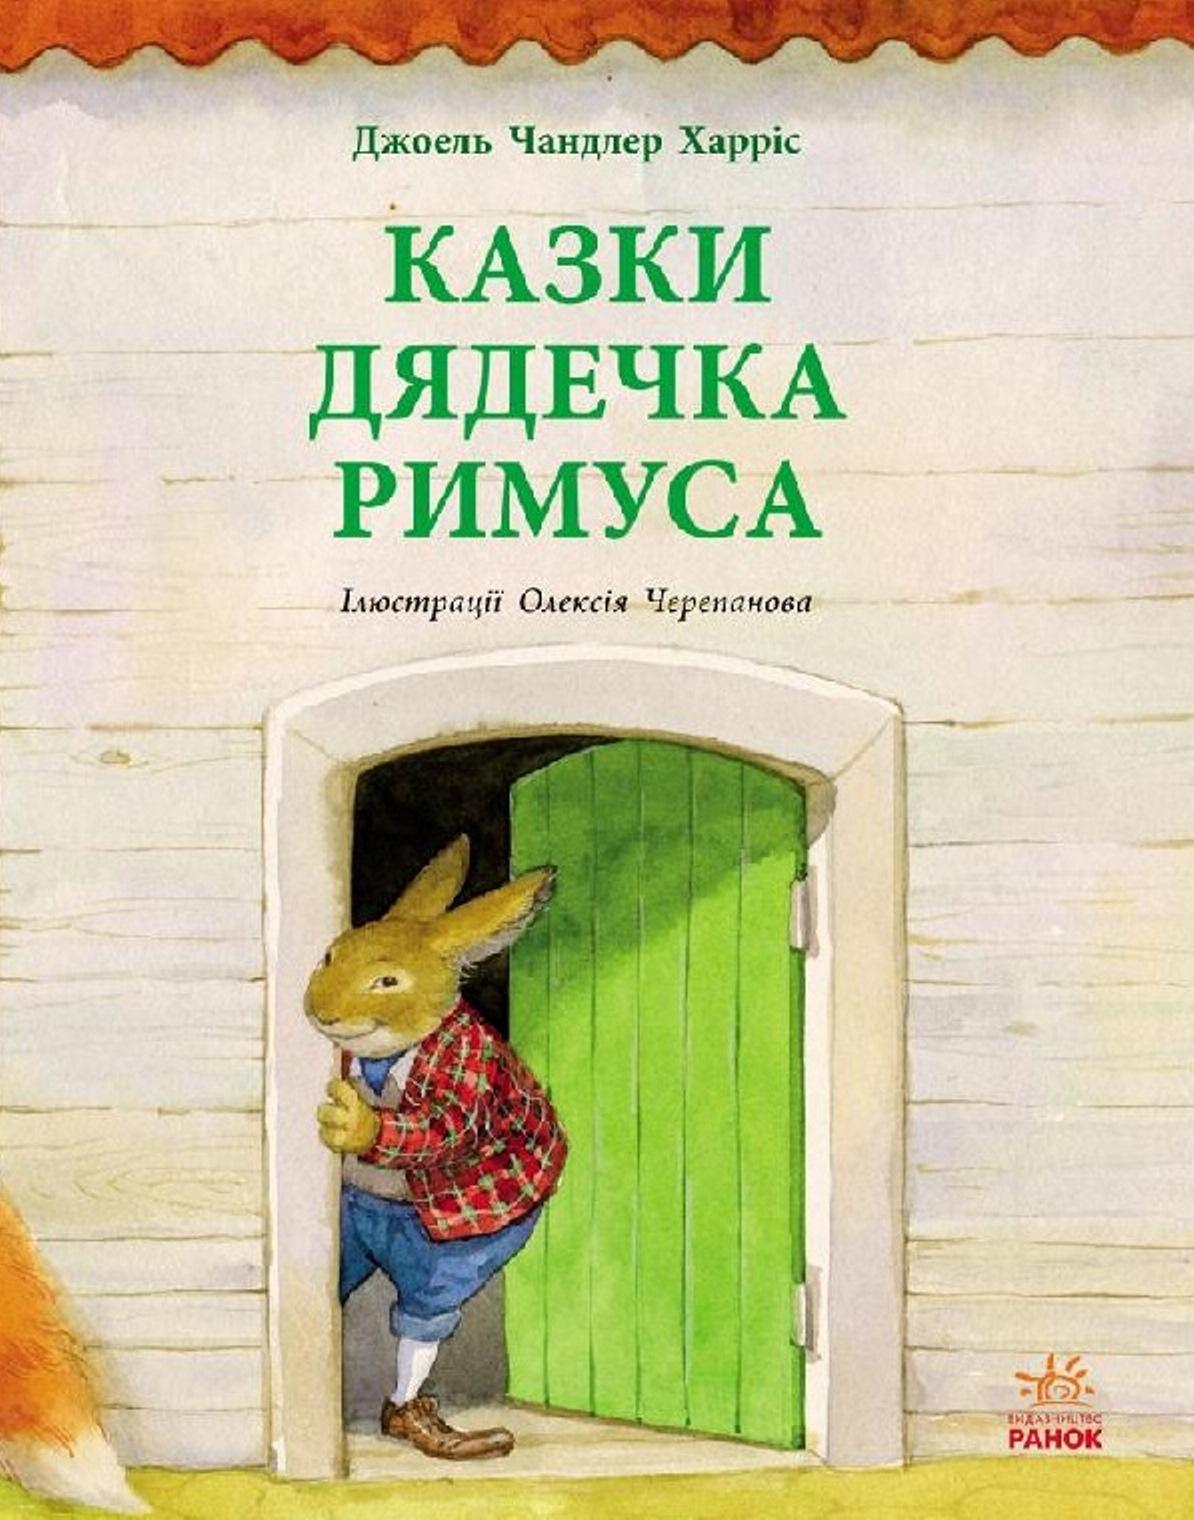 що читати дітям 5 років